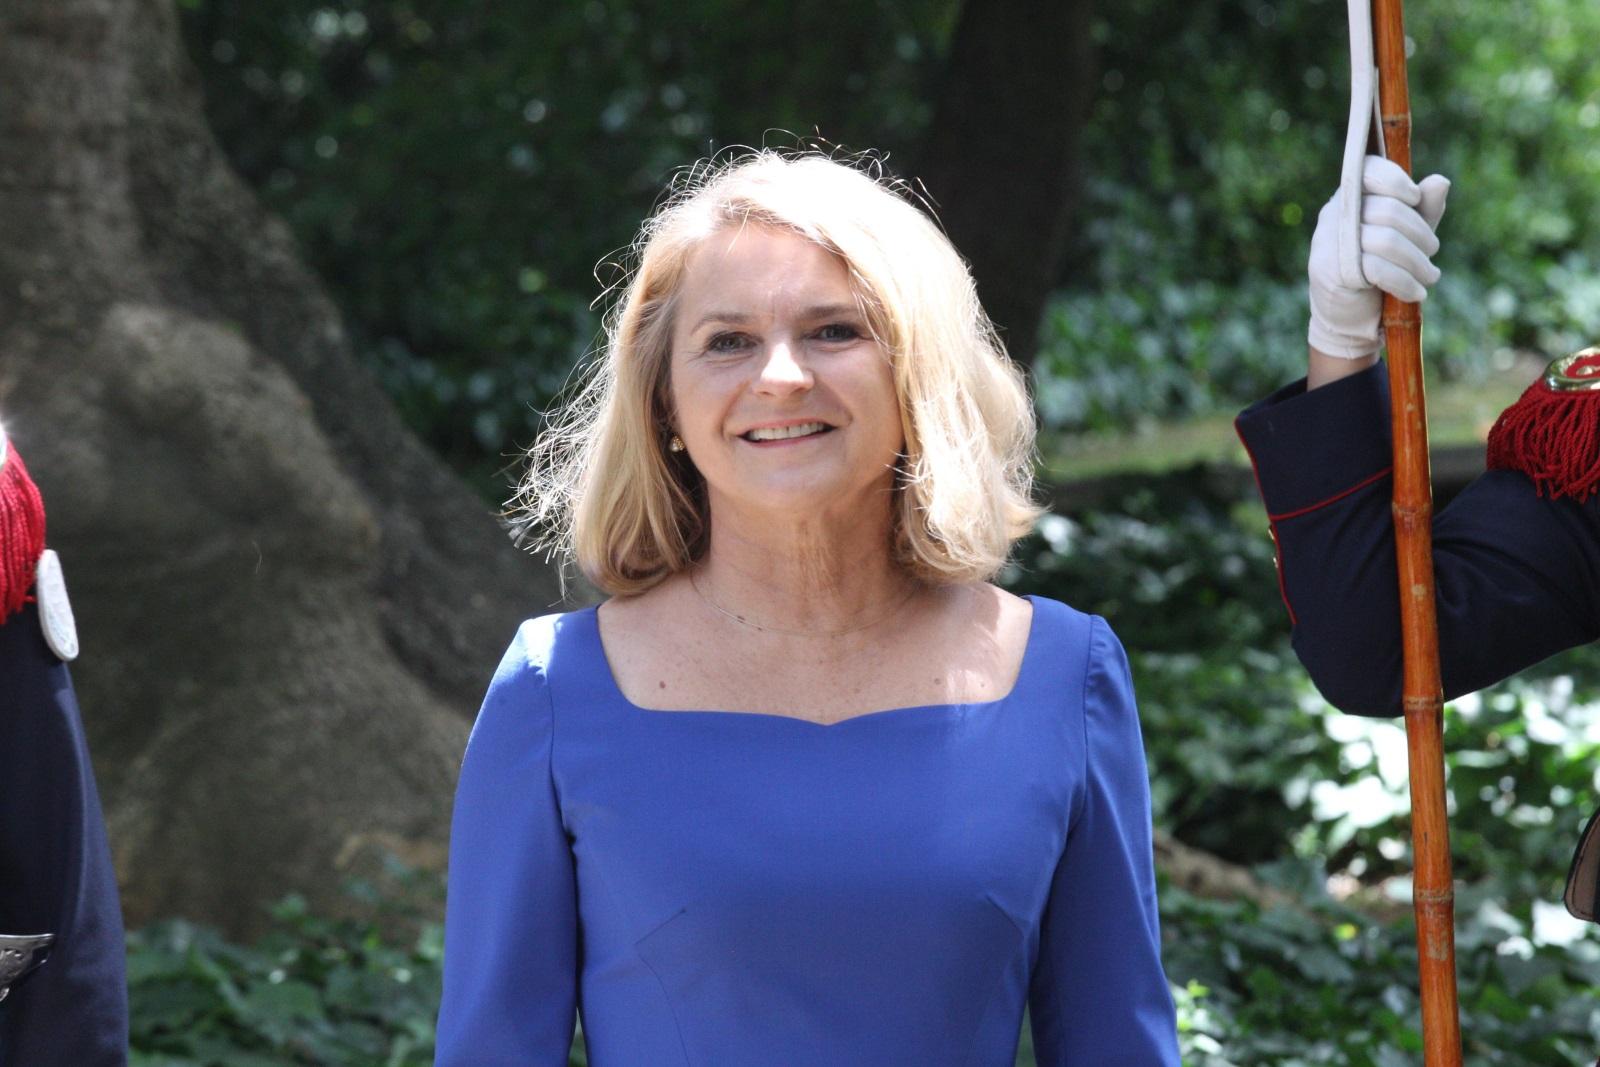 Малгожата Туск, съпруга на председателя на Европейския съвет Доналд Туск